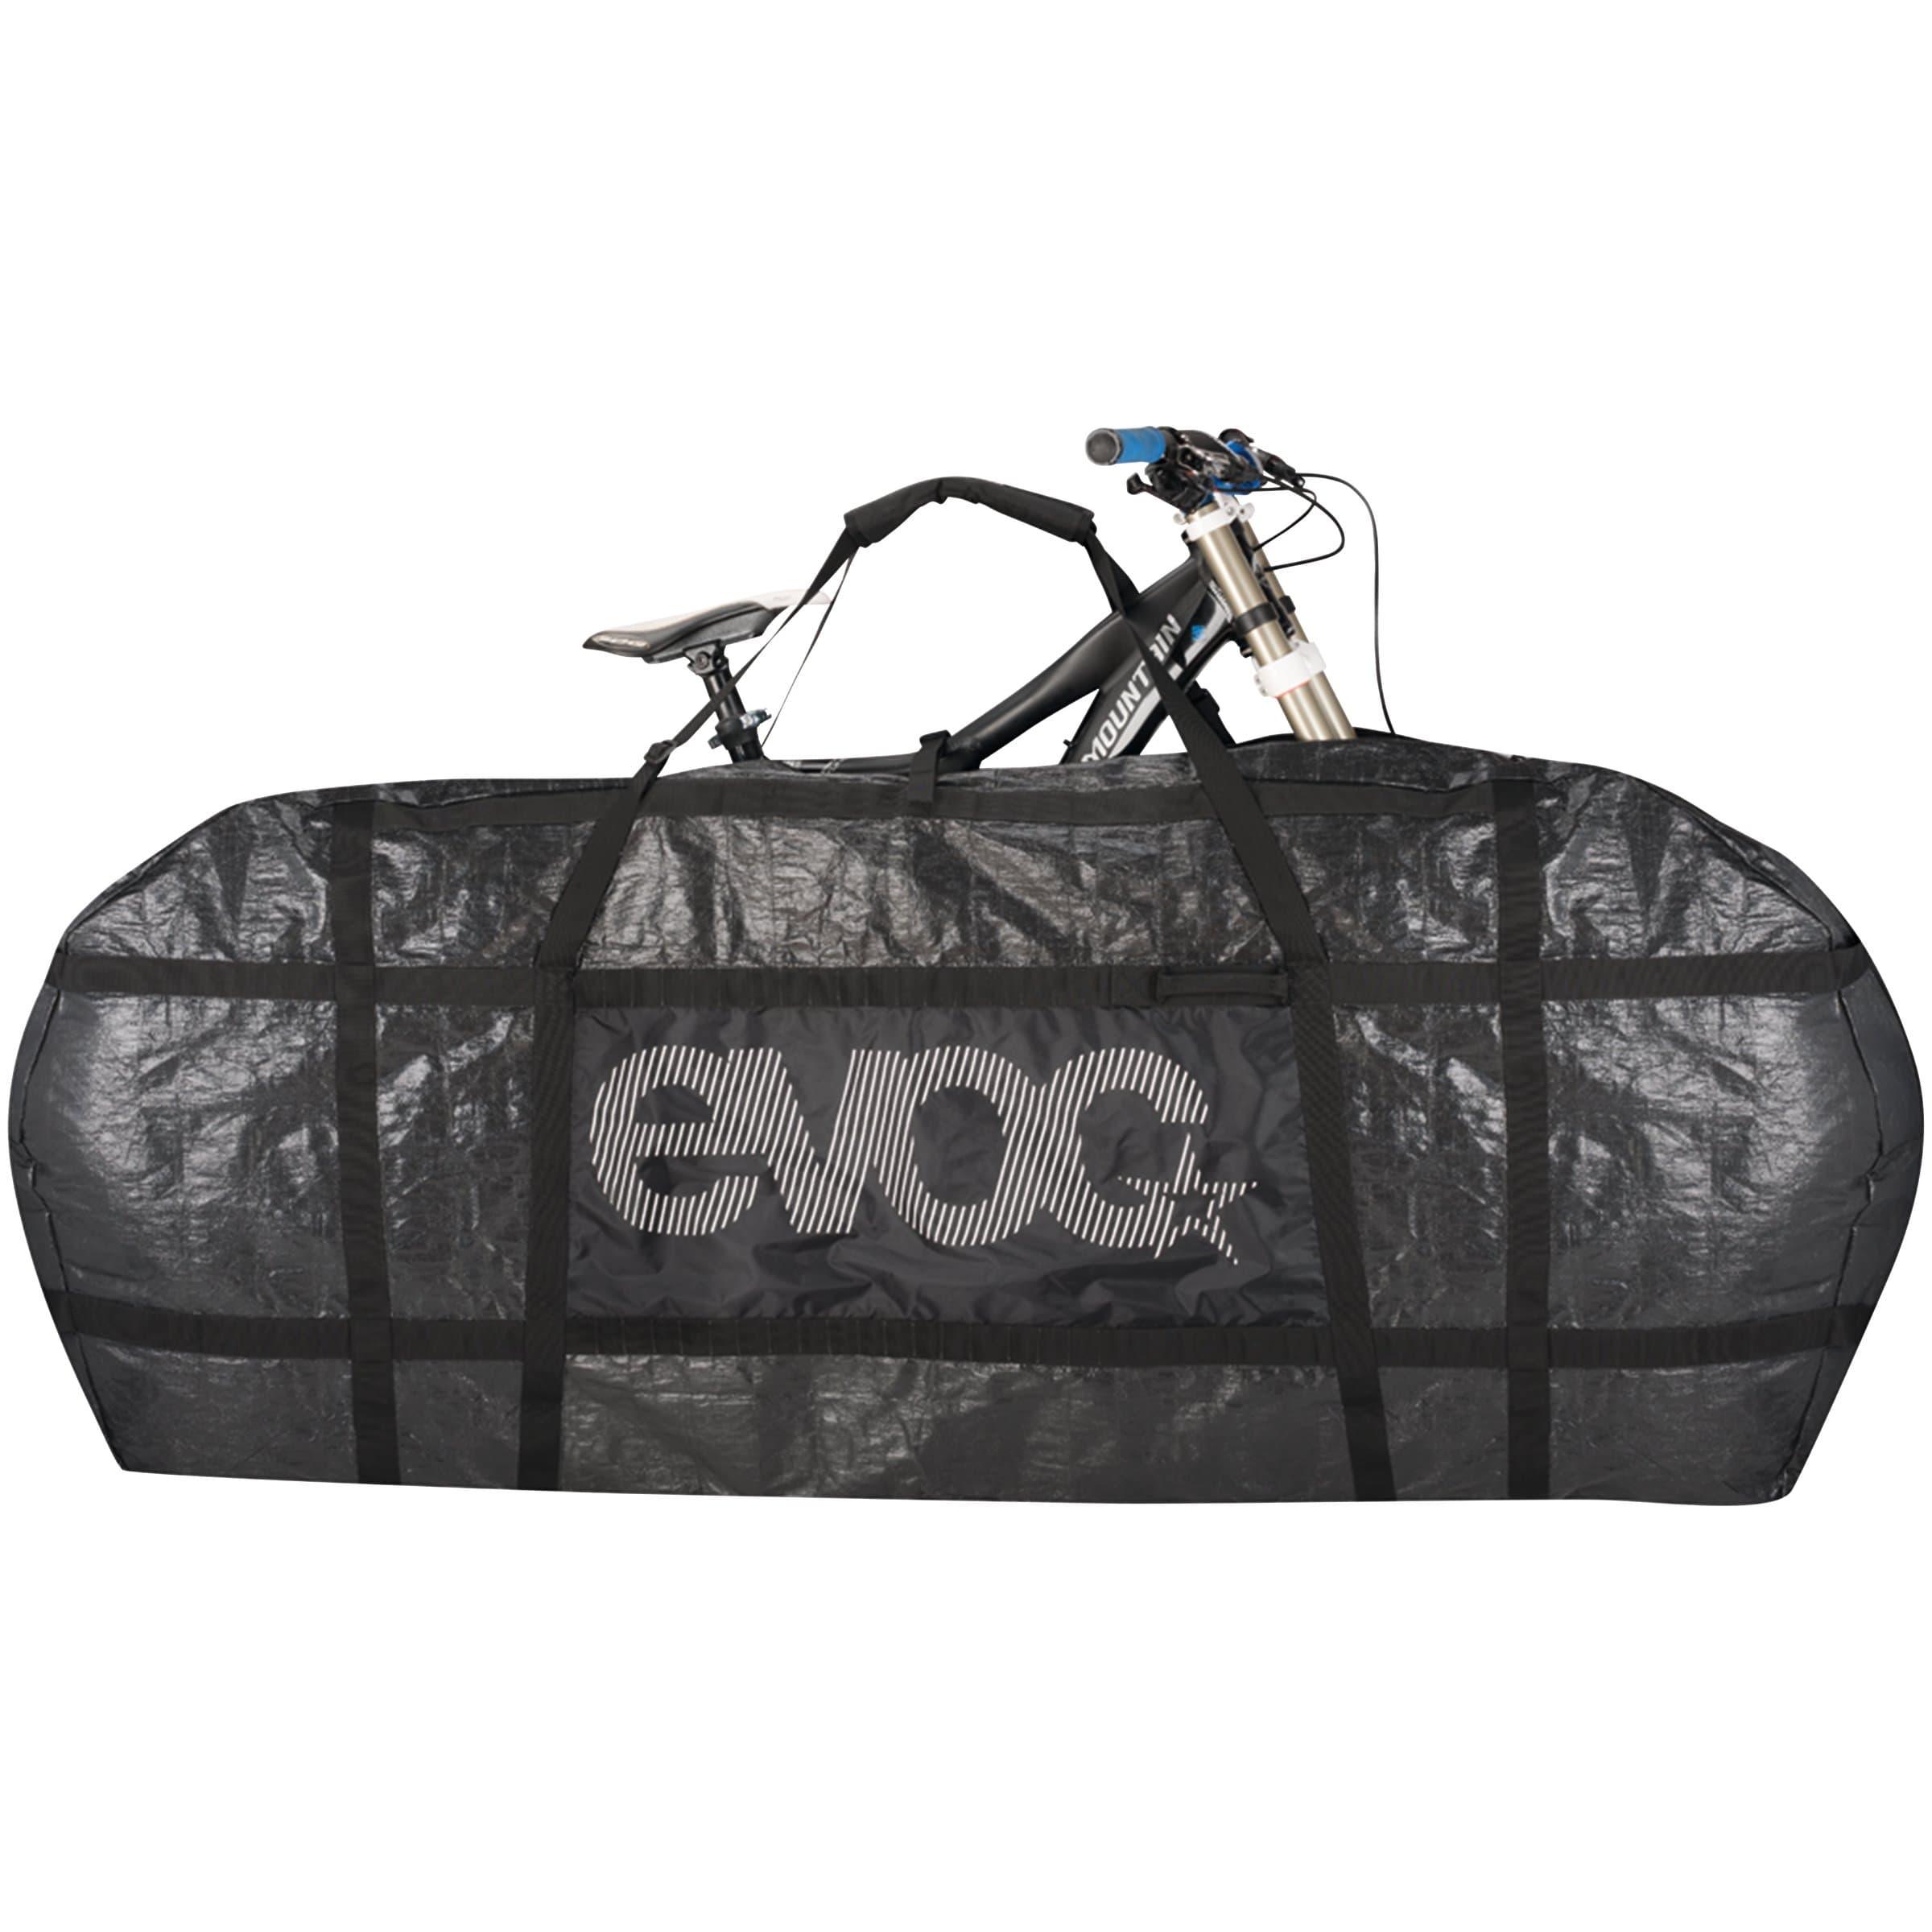 evoc bike cover transport tasche f r fahrr der migros. Black Bedroom Furniture Sets. Home Design Ideas